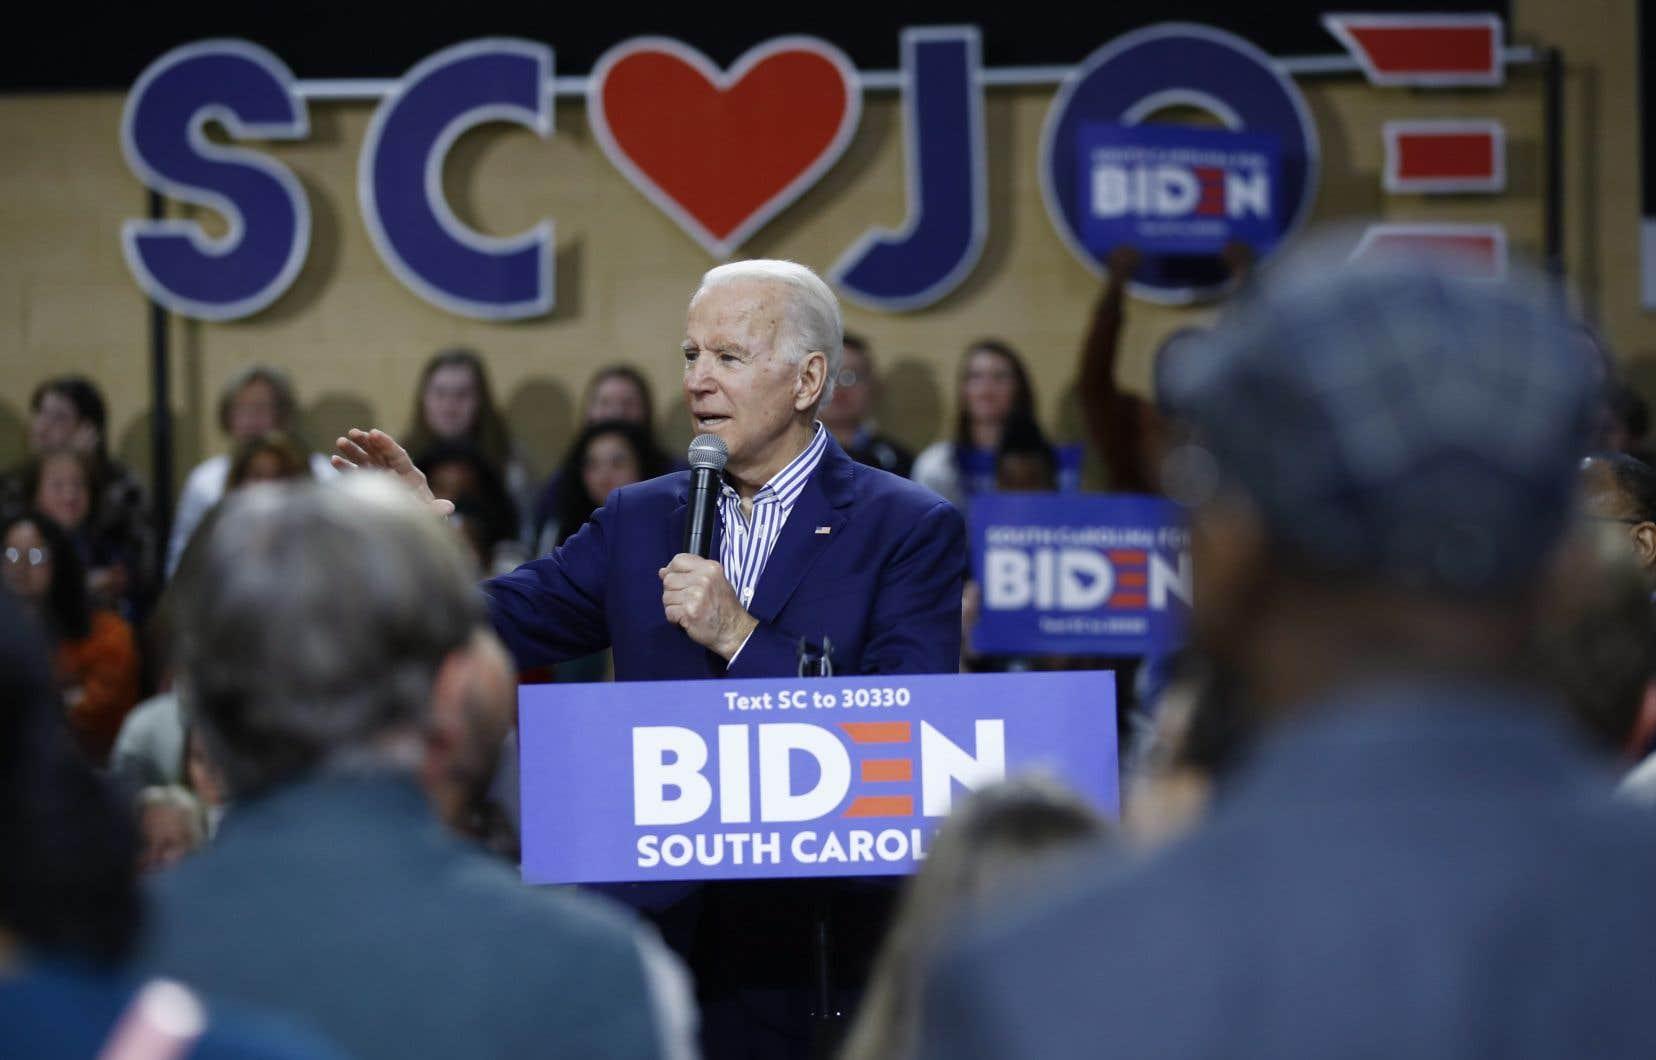 Après un démarrage plutôt manqué, Jo Biden joue désormais son avenir dans cette course présidentielle.